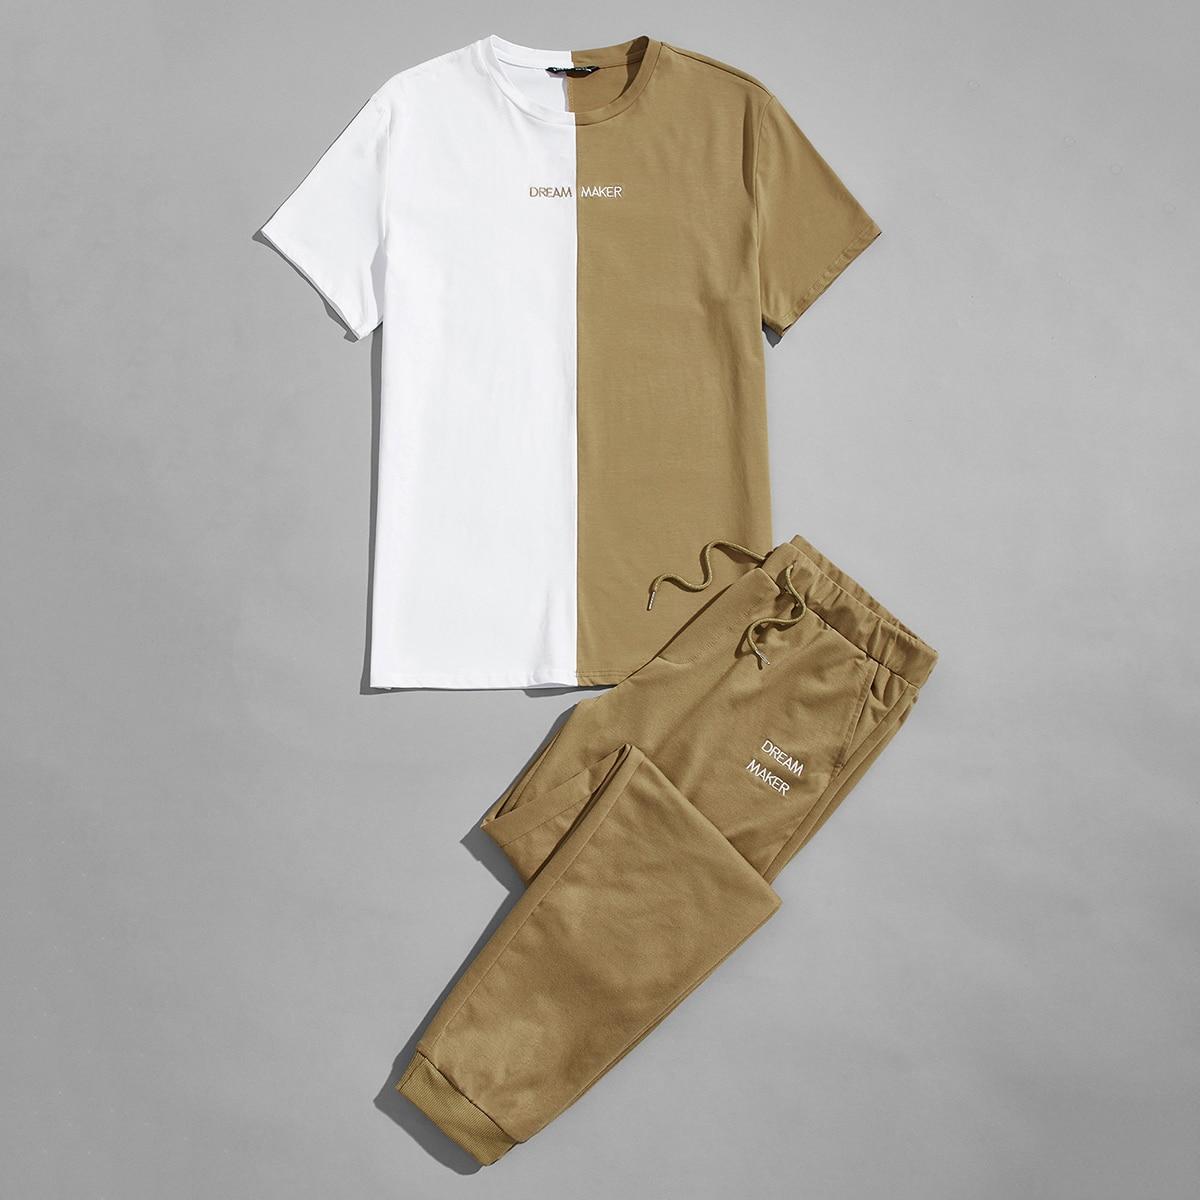 Мужская контрастная футболка и брюки с текстовой